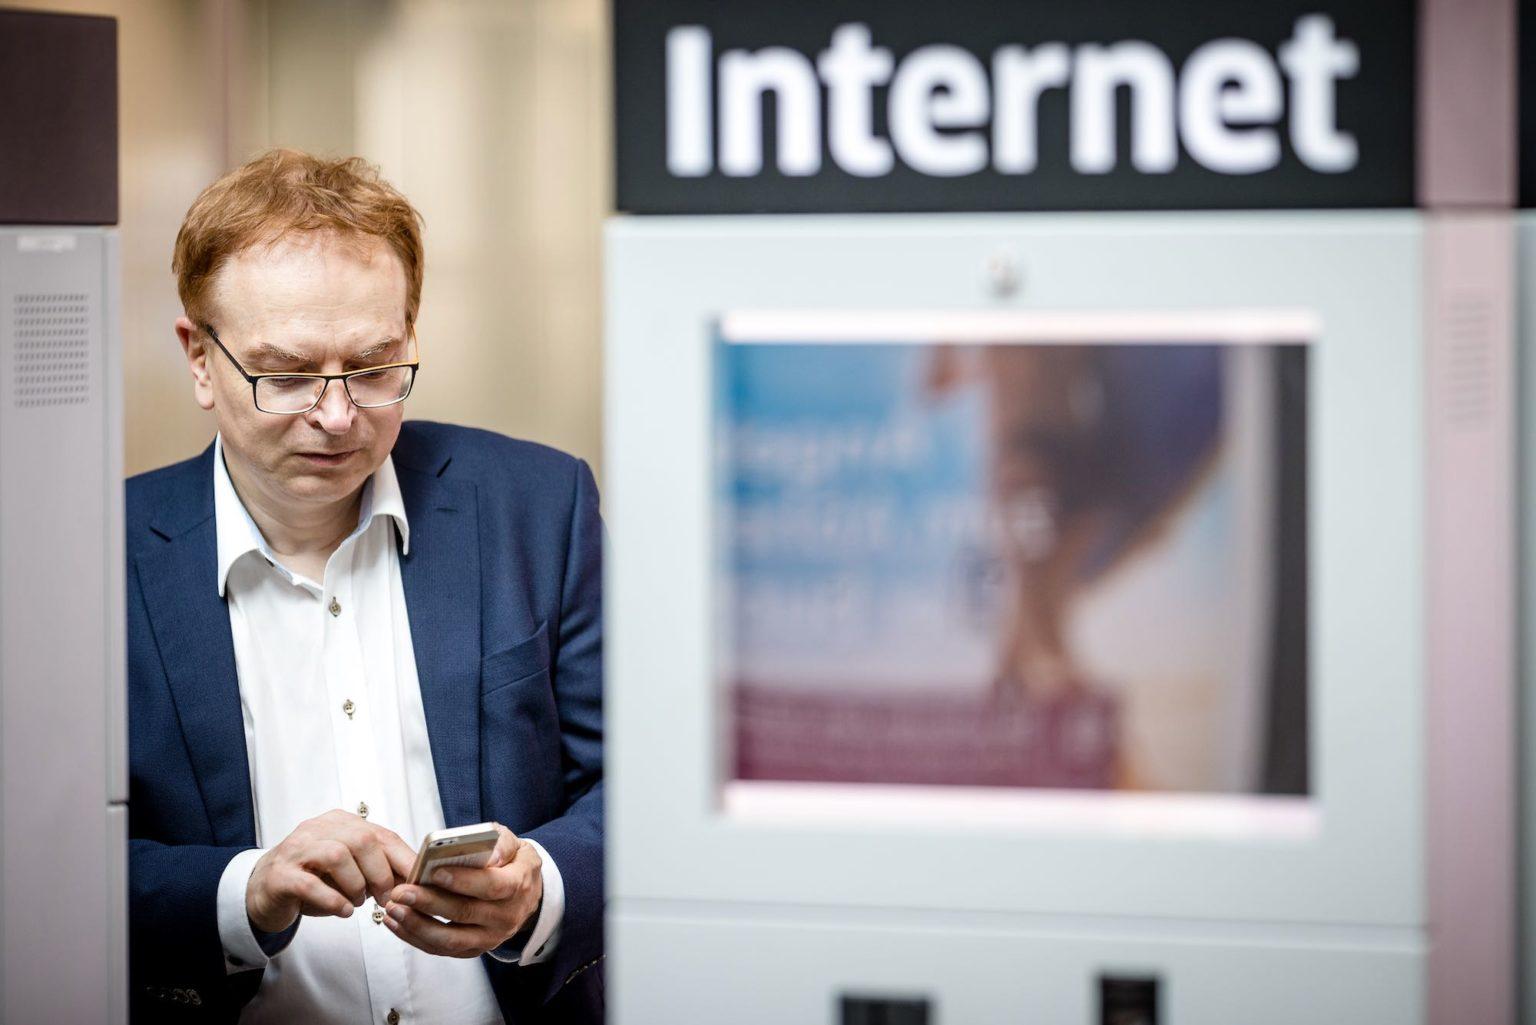 Wolfgang Schmid am Flughafen Portrait mit Internet